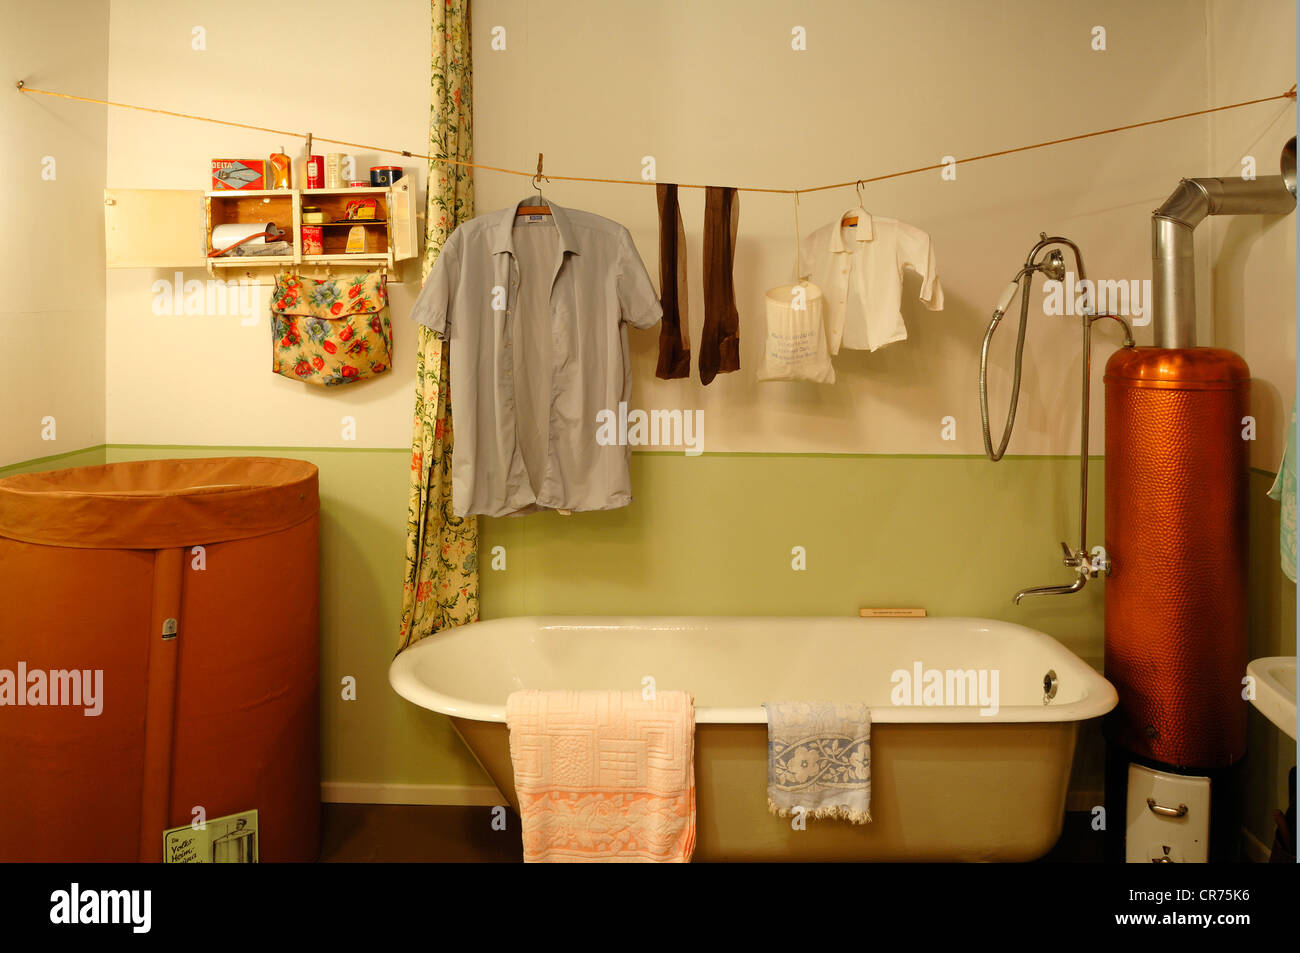 Vasca Da Lavanderia : Scopri i prodotti lavanderia bagno expert